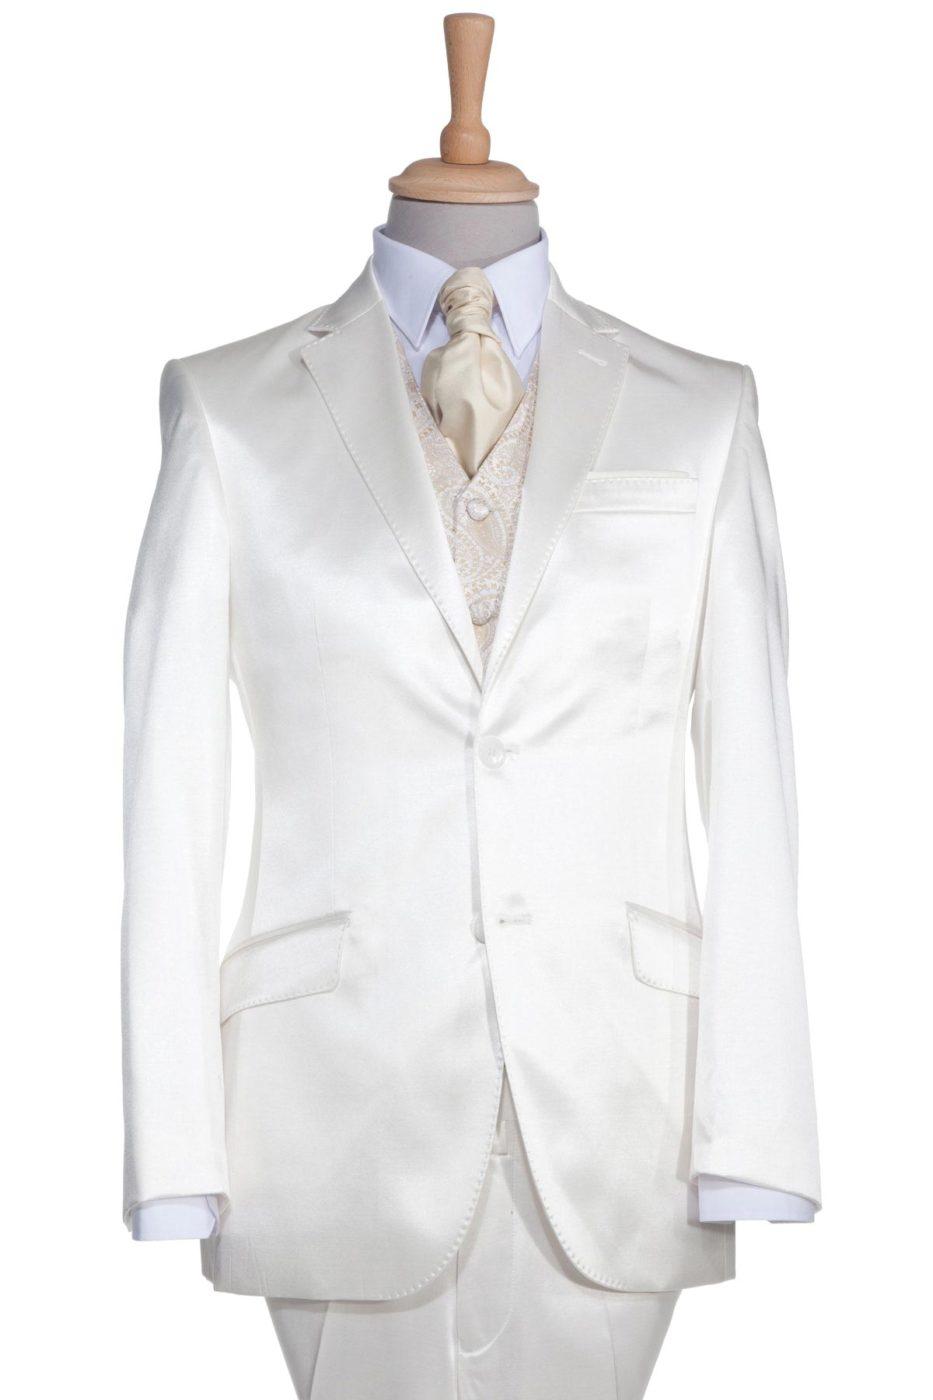 Malaga Ivory Suit